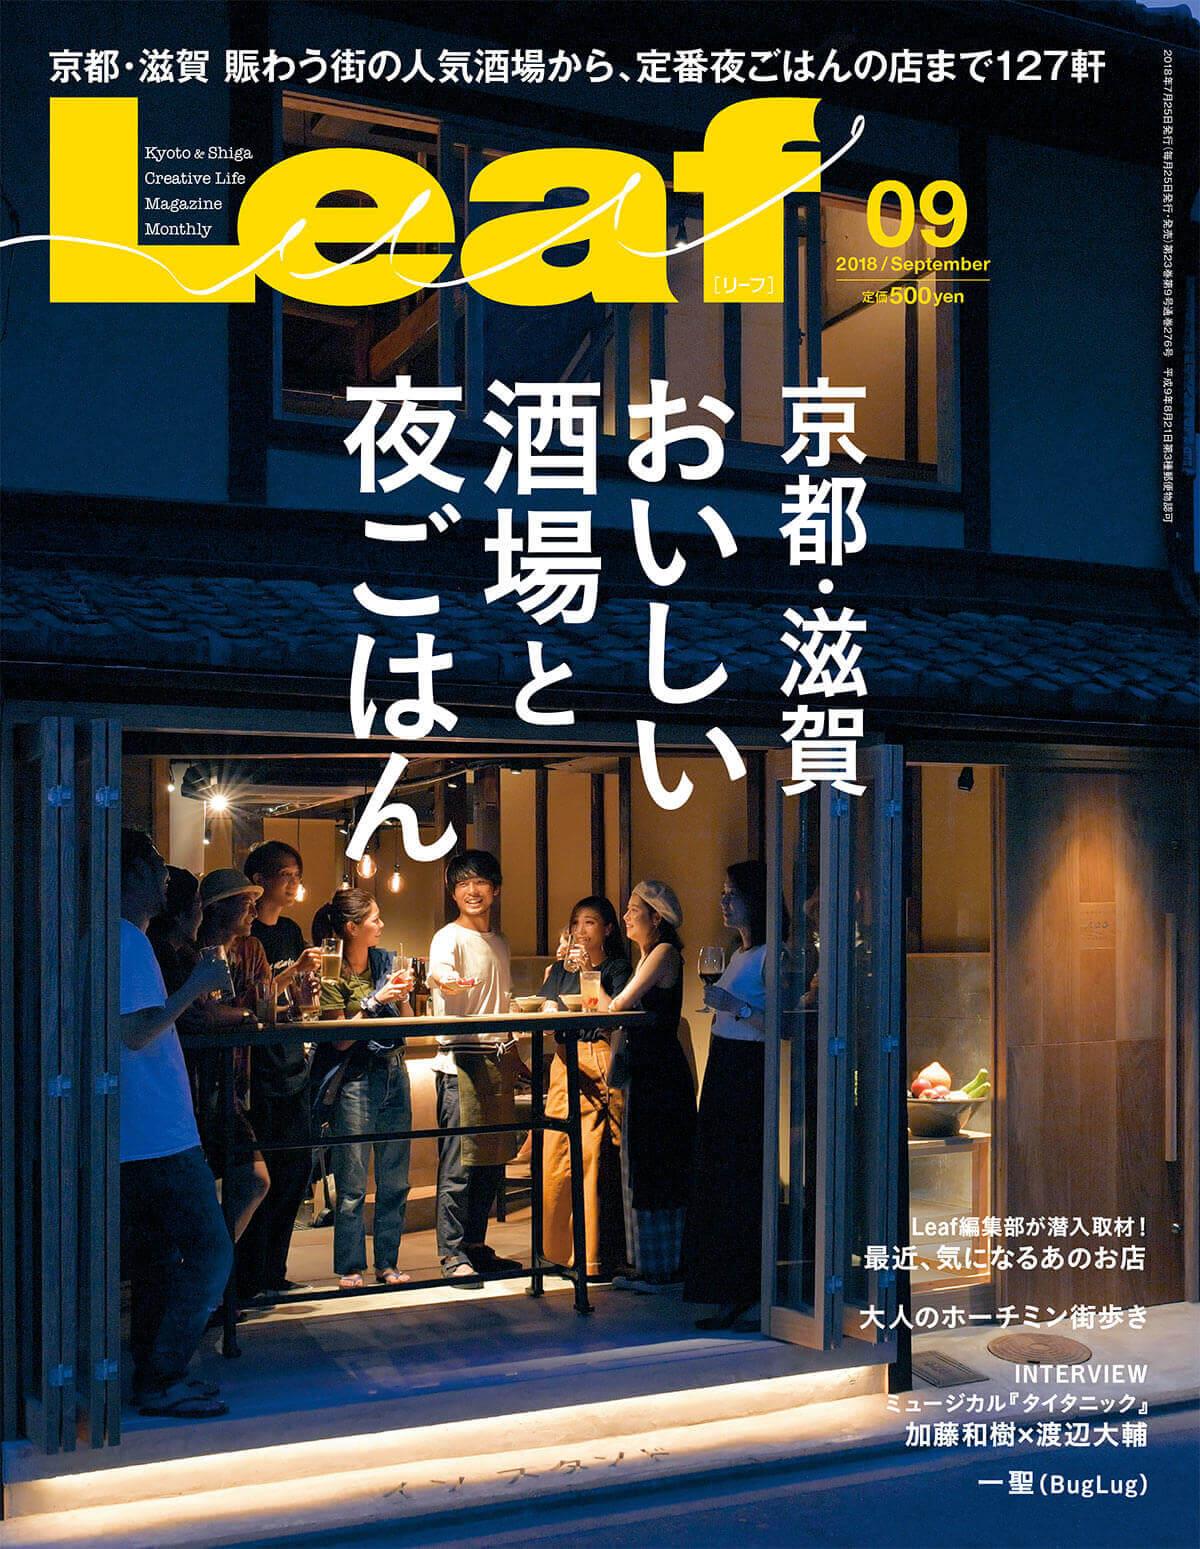 Leaf - 京都・滋賀 おいしい酒場と夜ごはん